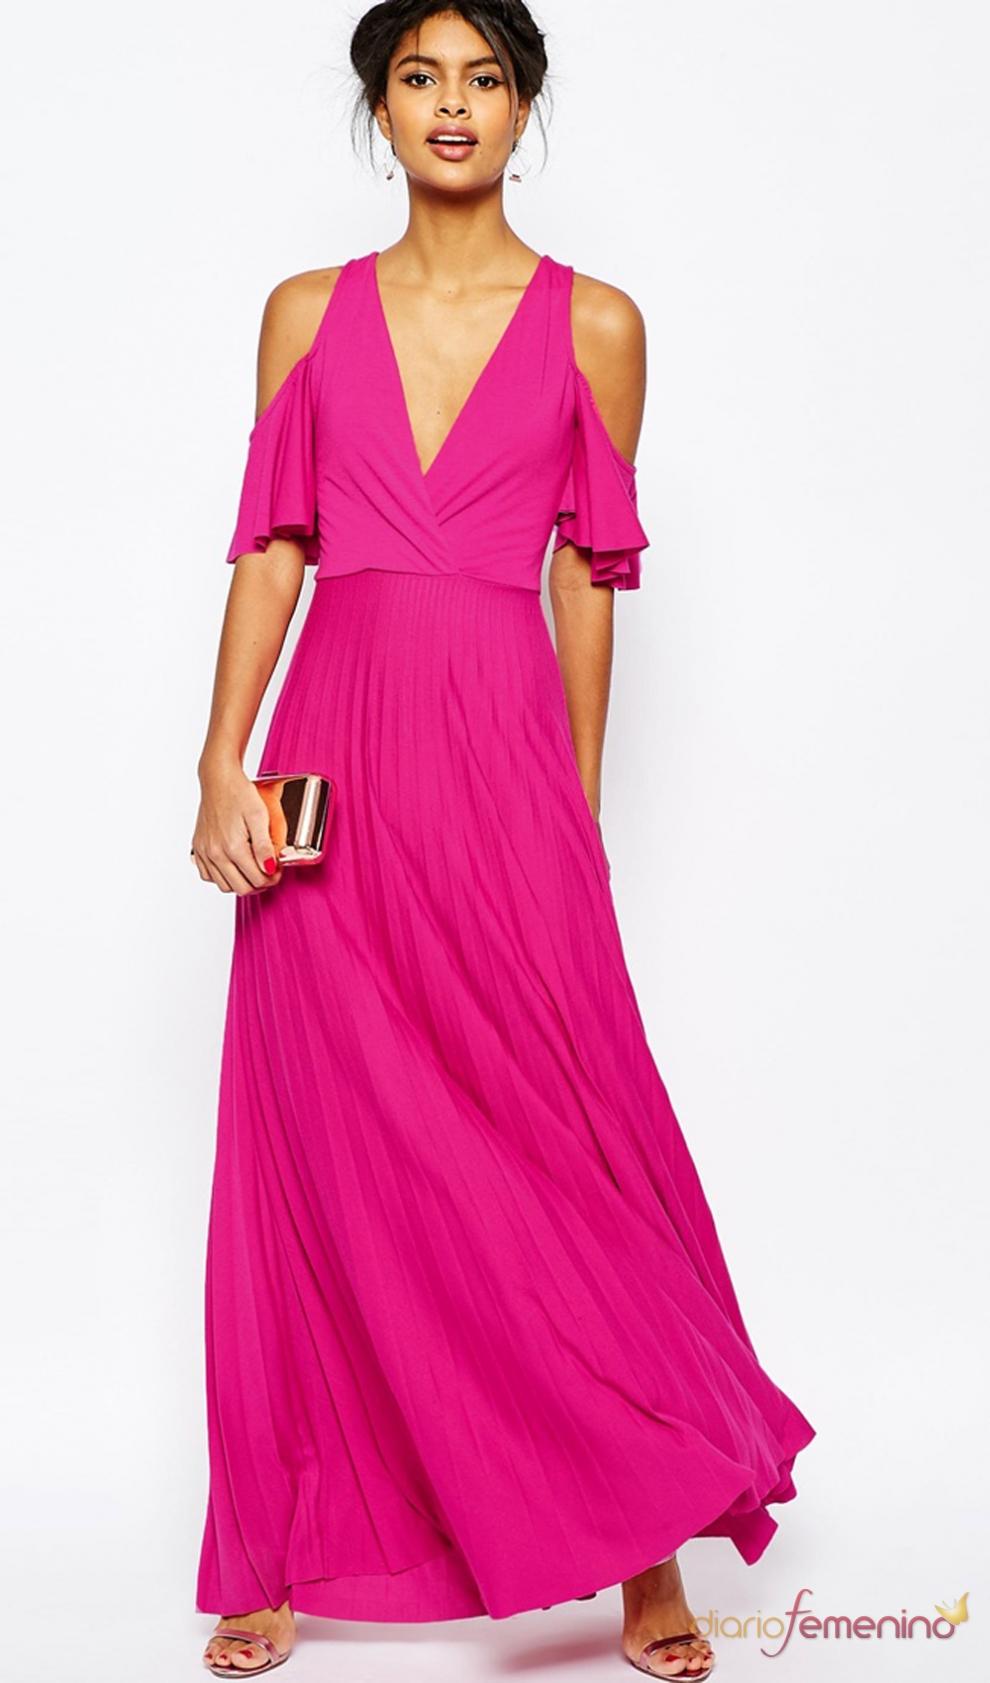 Vestidos de invitada low cost: ASOS, un traje rosa por 44,99 euros